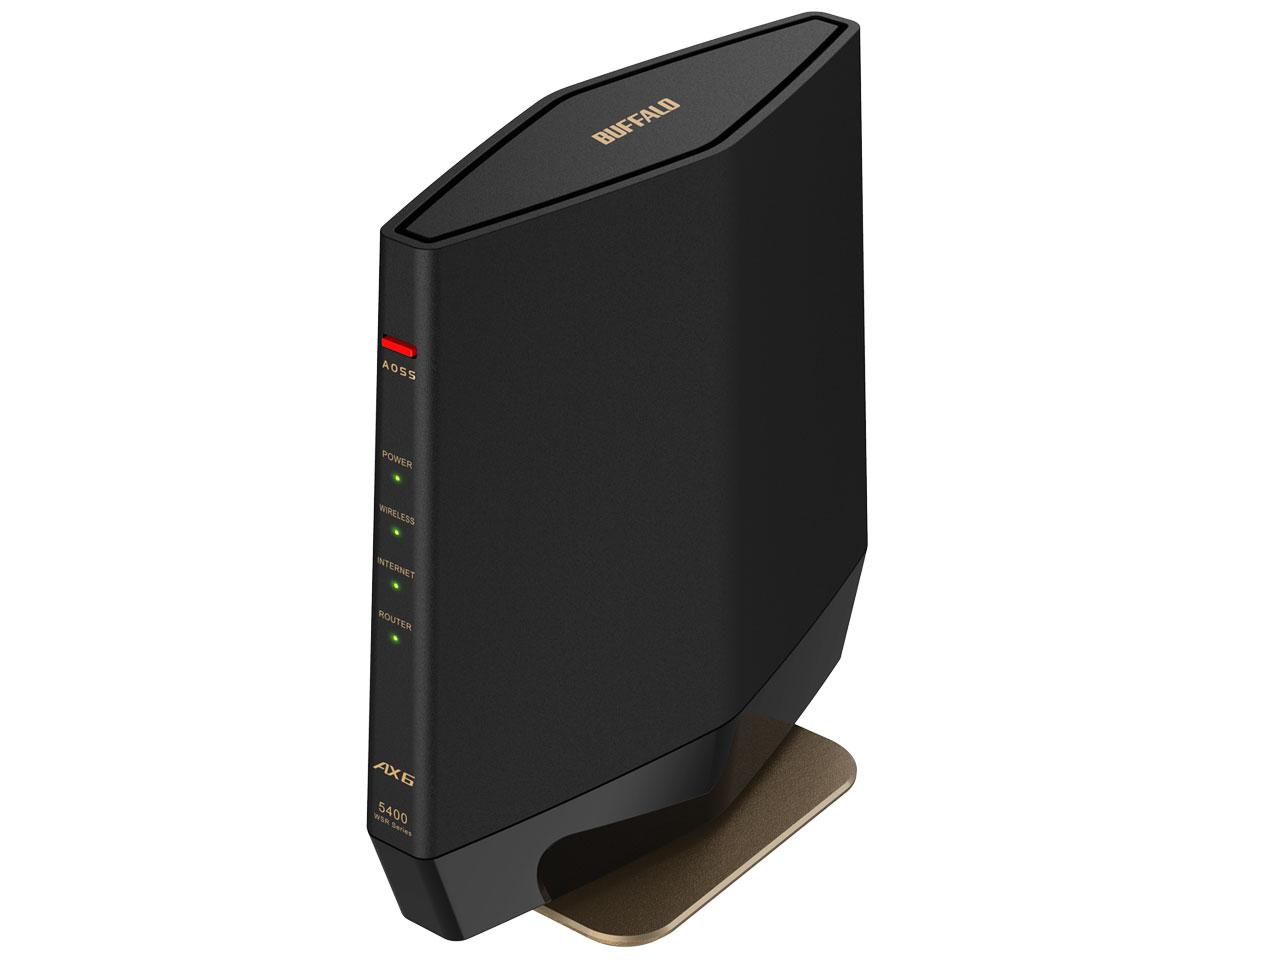 『本体 斜め1』 AirStation WSR-5400AX6-MB [マットブラック] の製品画像